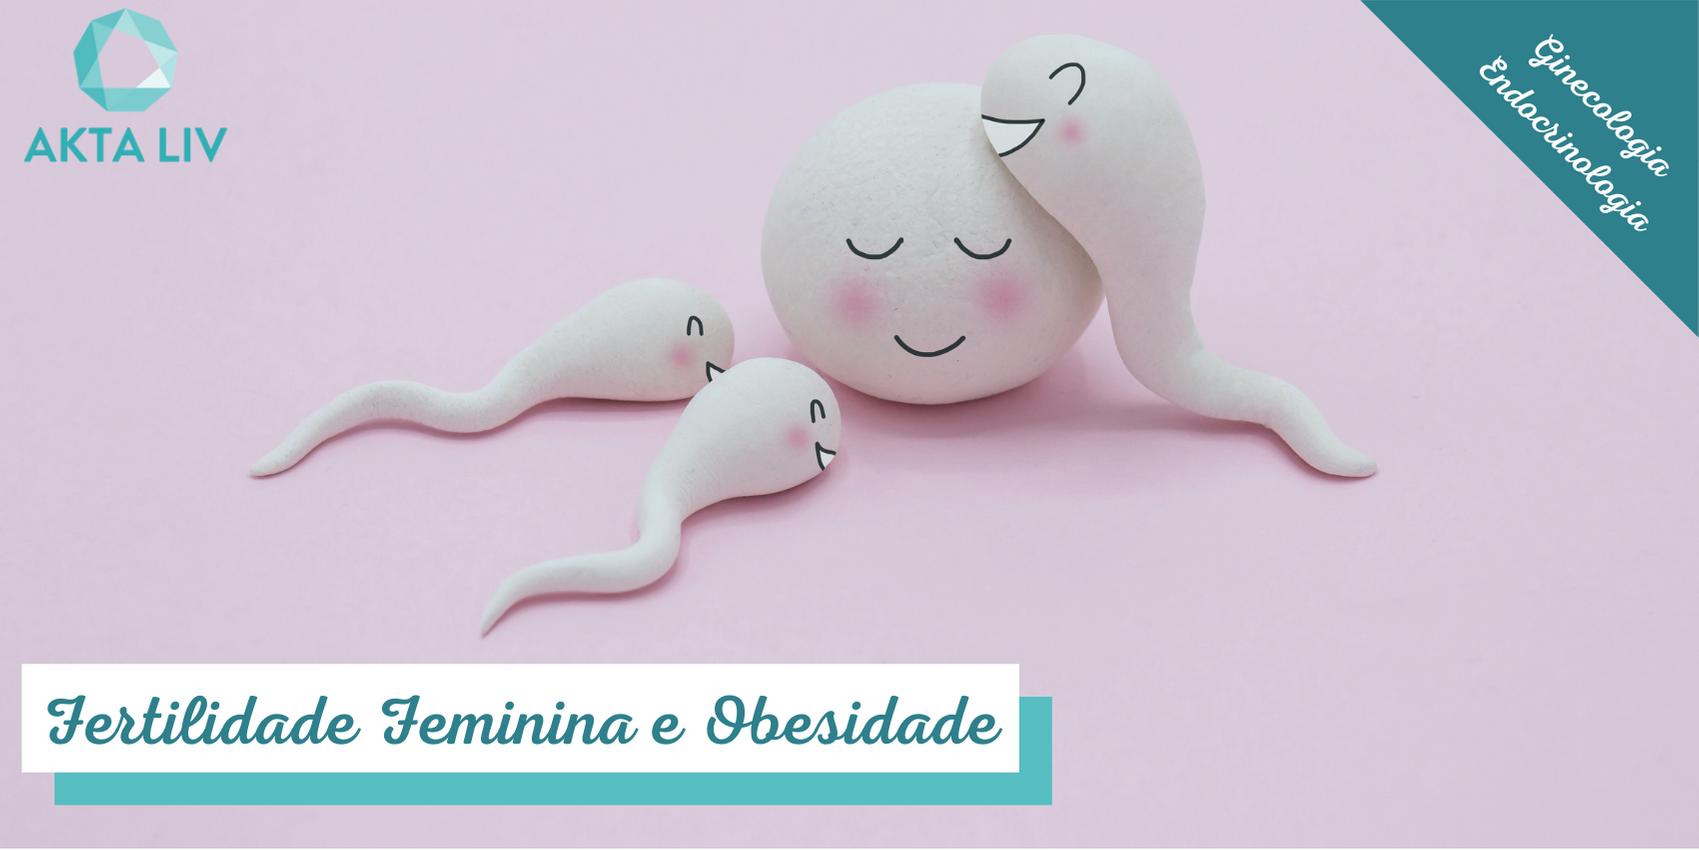 fertilidade feminina e obesidade - animacao de ovulo e espematozoides